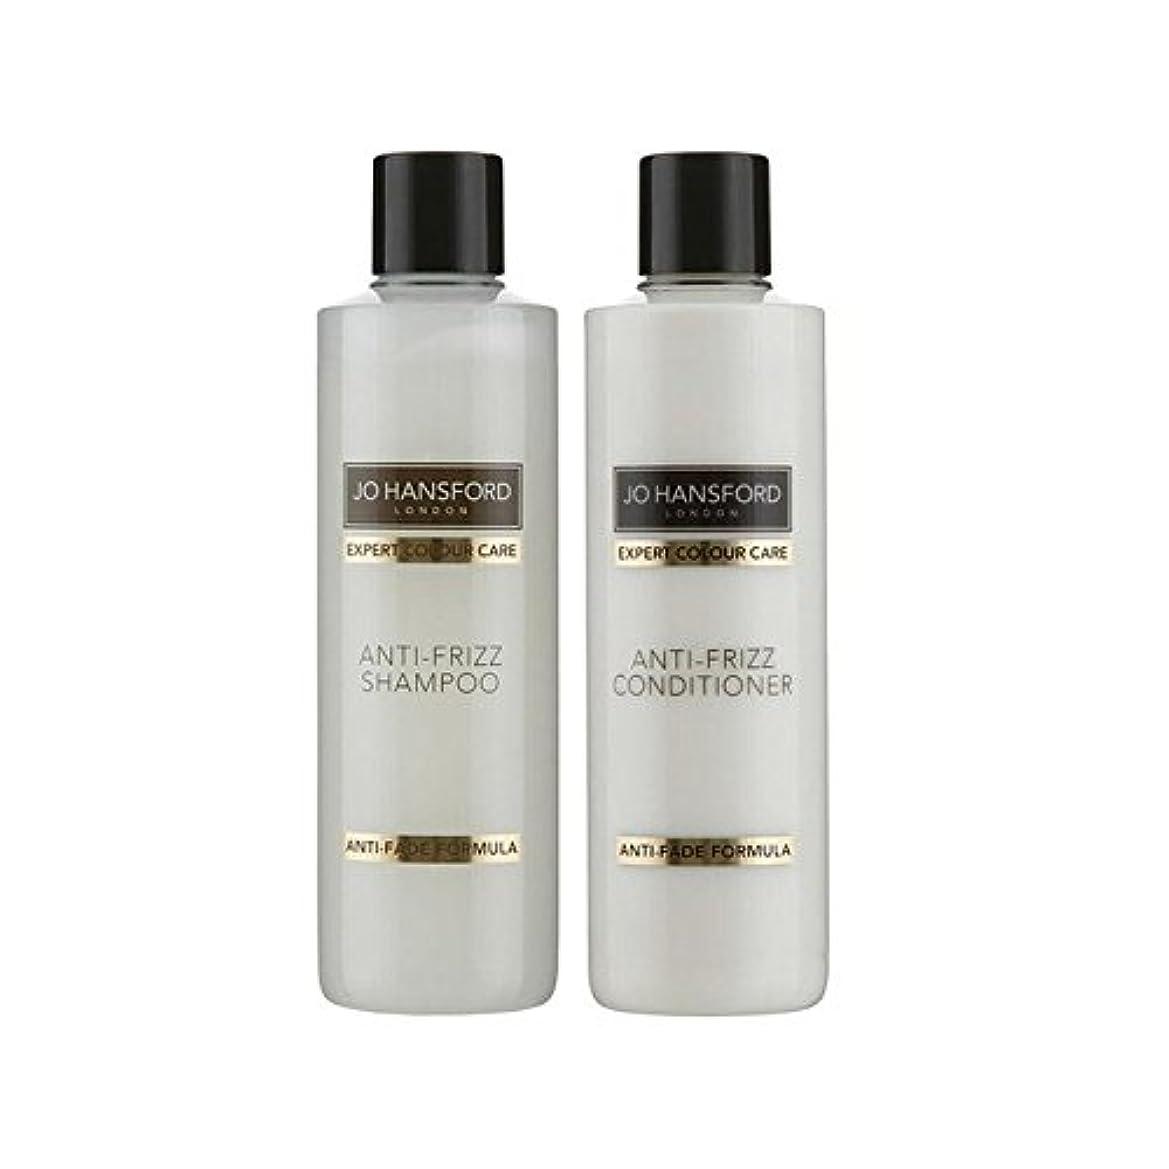 ベンチ温帯化合物ジョー?ハンスフォード専門家のカラーケアアンチ縮れシャンプーとコンディショナー(250ミリリットル) x4 - Jo Hansford Expert Colour Care Anti Frizz Shampoo And Conditioner (250ml) (Pack of 4) [並行輸入品]